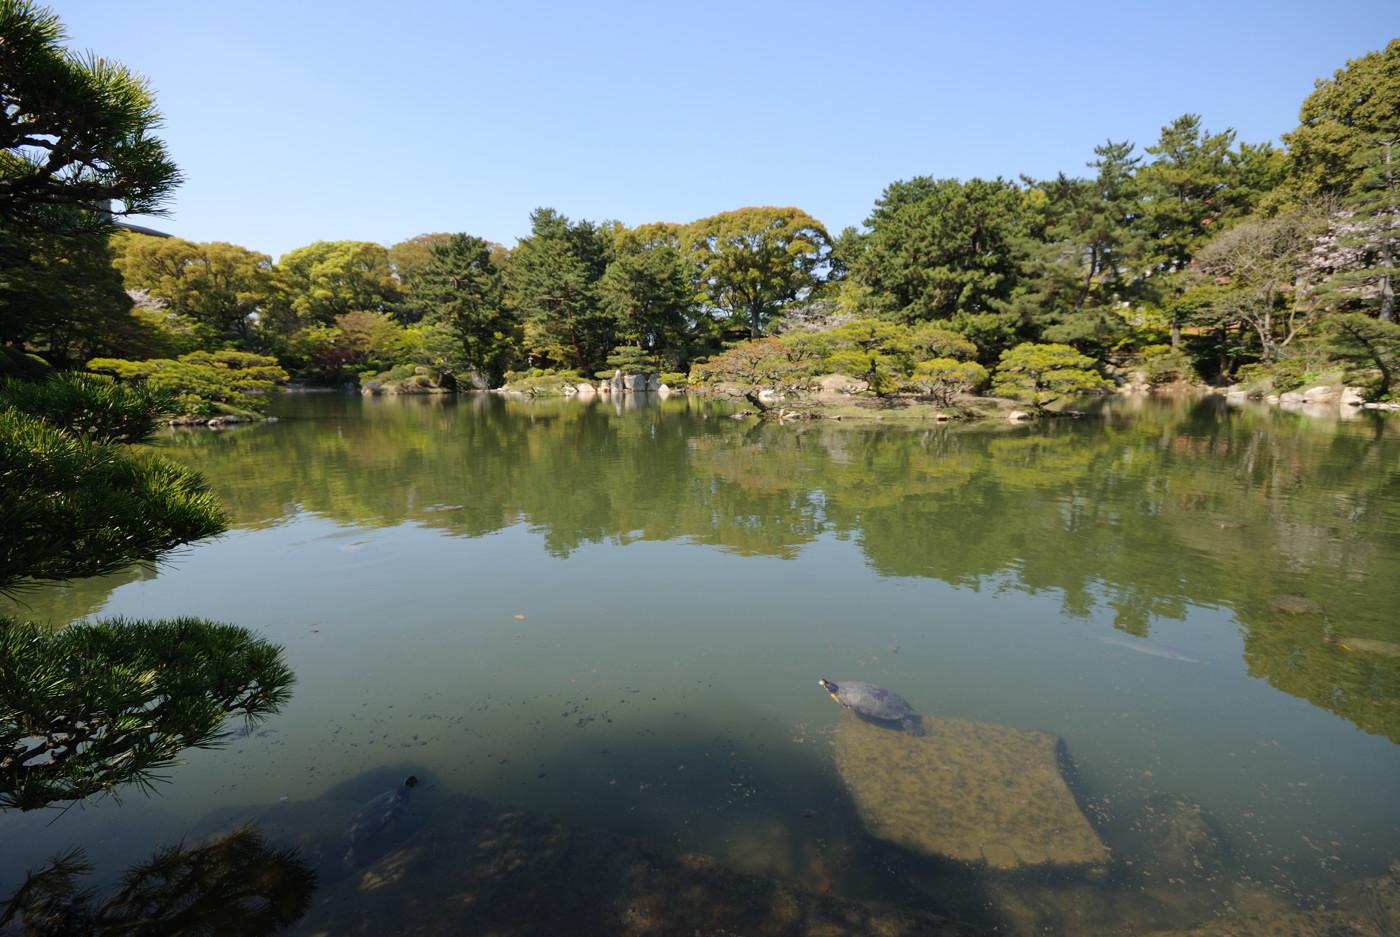 池に亀さんの居る風景その2